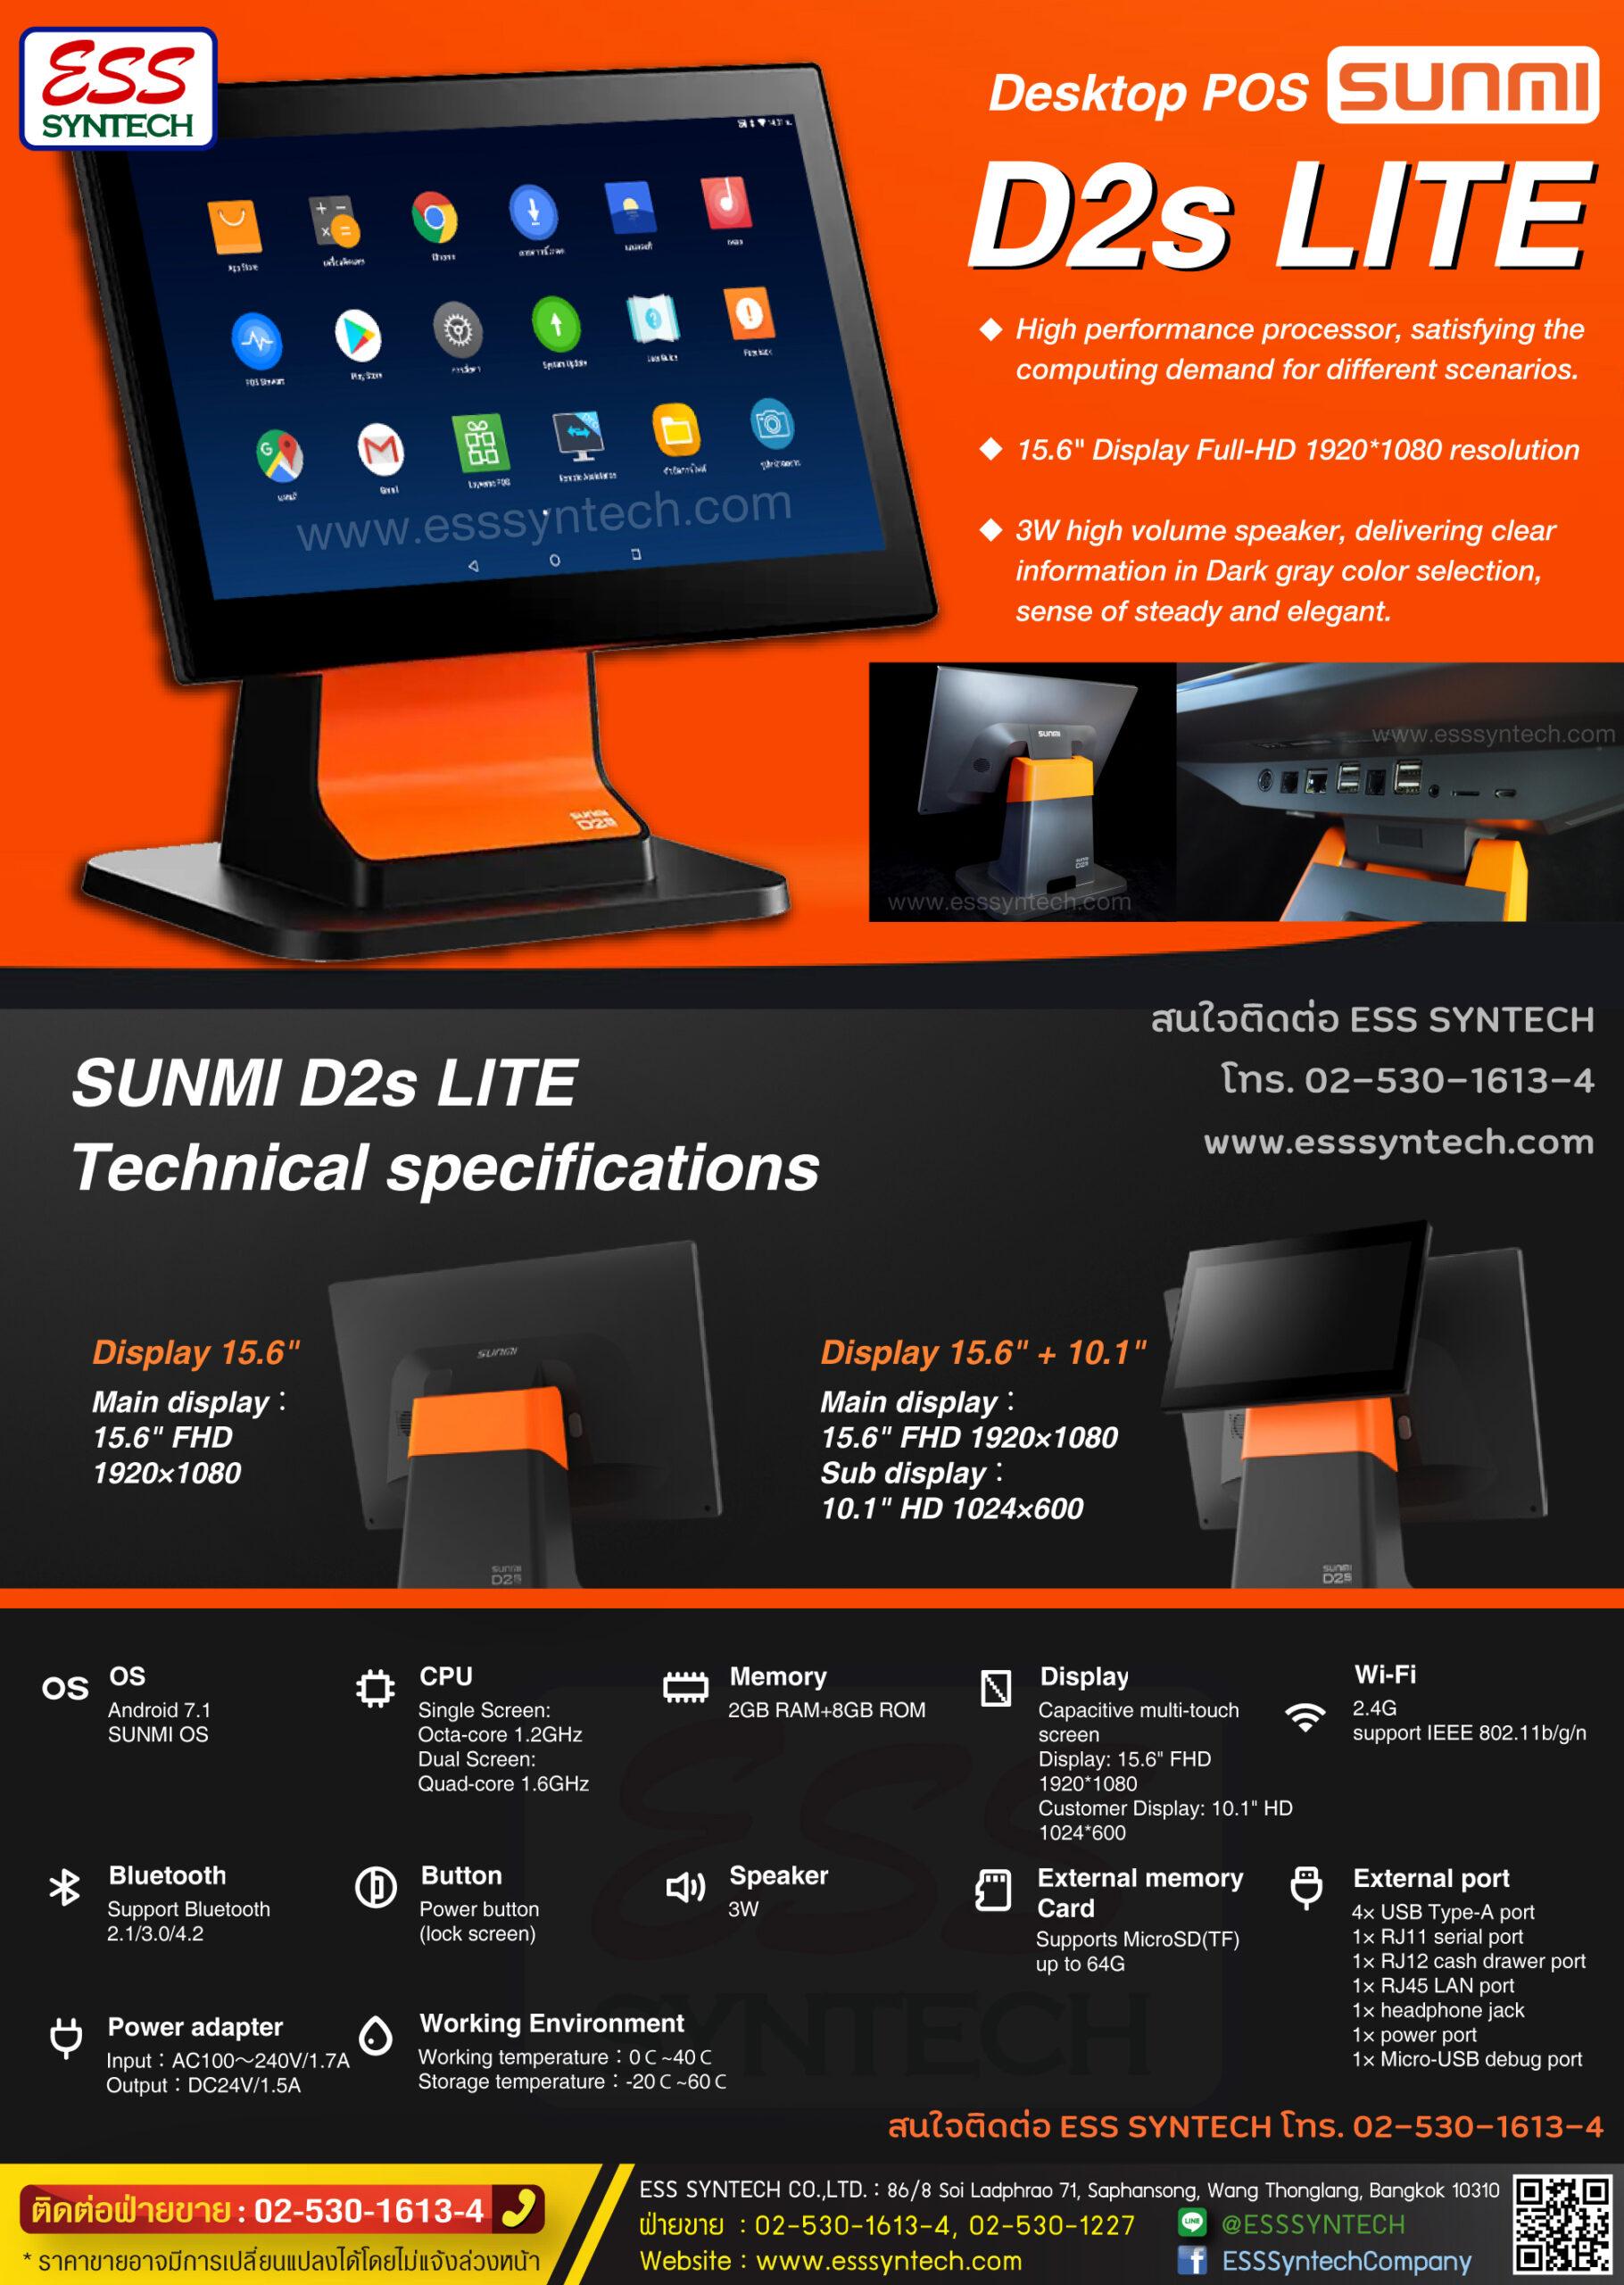 POS ร้านอาหาร Sunmi D2S Lite เครื่องขายหน้าร้าน เครื่องแคชเชียร์ ระบบ Android เครื่องพิมพ์แยก หน้าจอใหญ่ 15.6 นิ้ว ราคาถูก